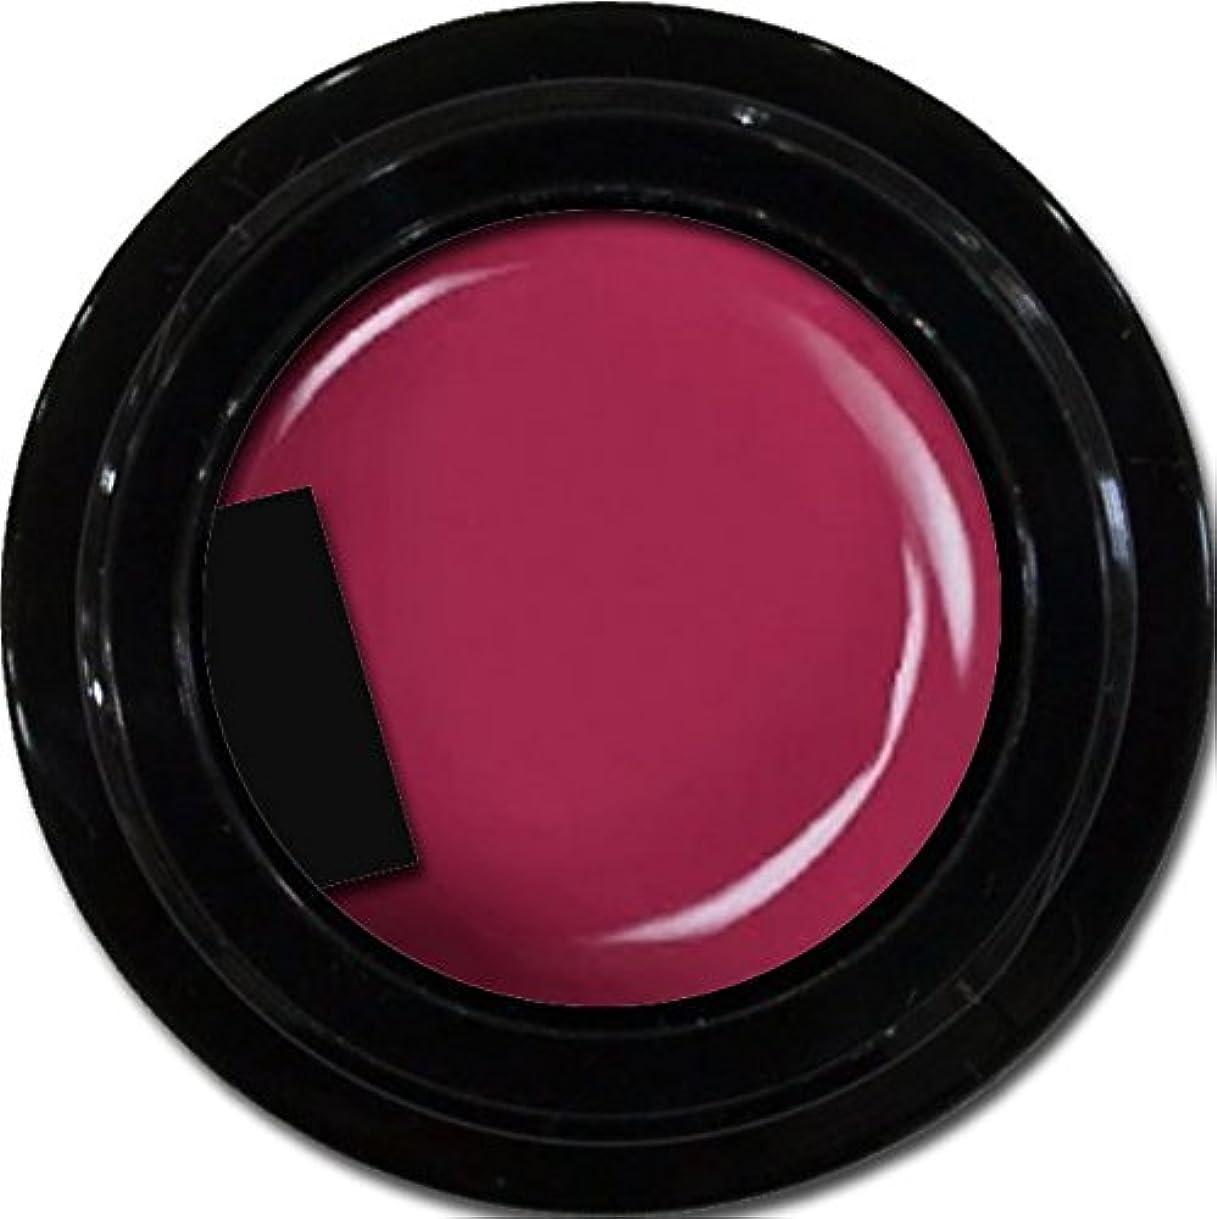 留め金同等の三カラージェル enchant color gel M510 PinkPurple 3g/ マットカラージェル M510 ピンクパープル 3グラム